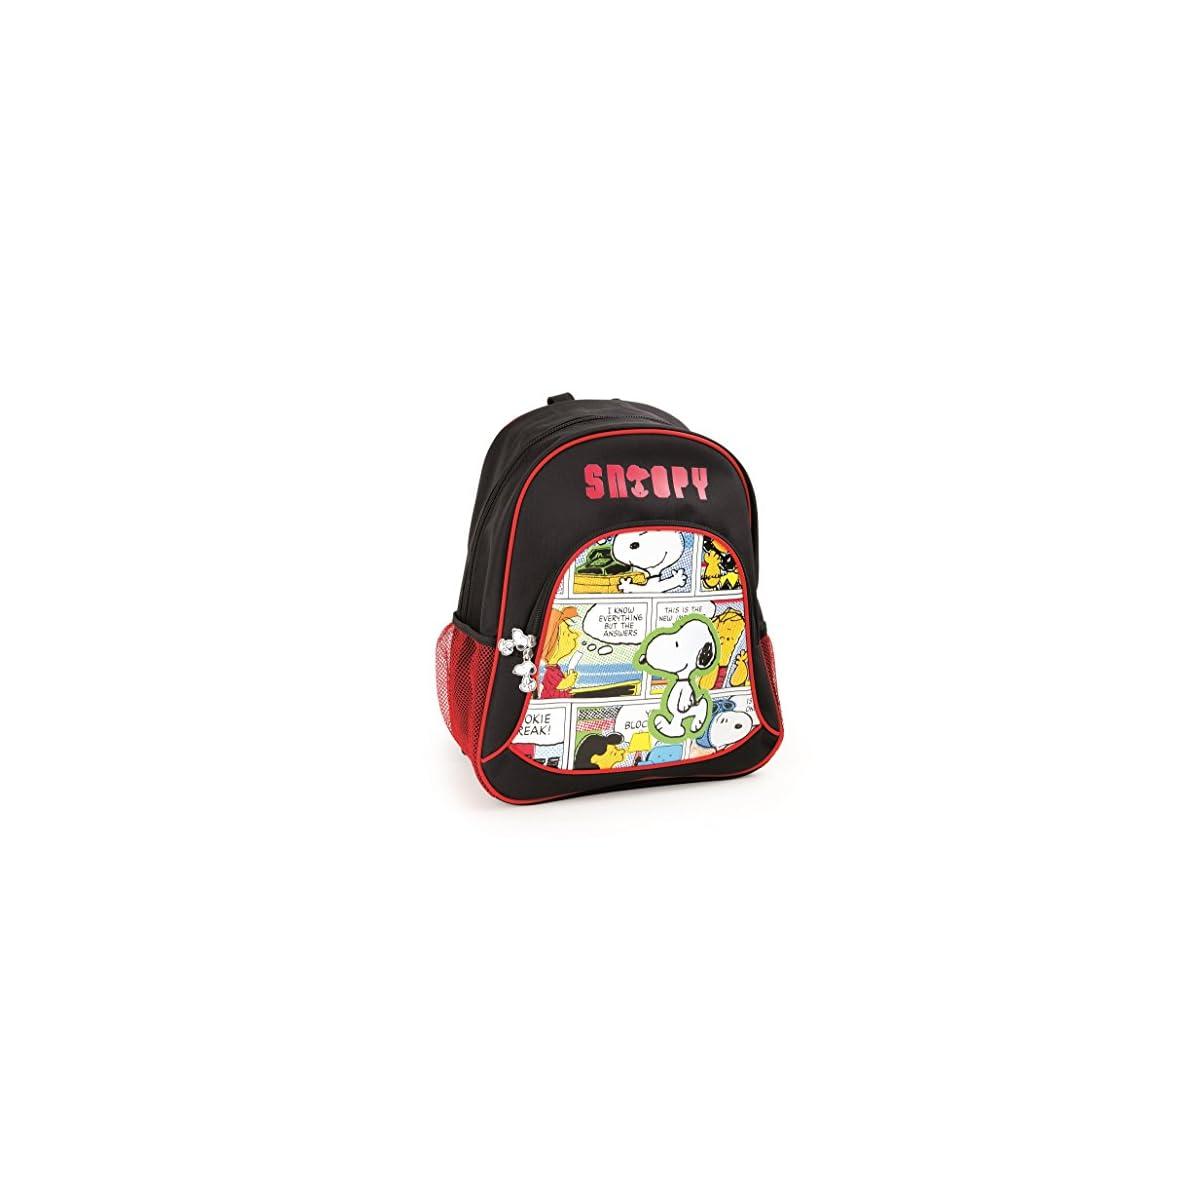 51Hfi OgrEL. SS1200  - Mochila escolar Snoopy para niños mochila mochila escolar | incluye dos bolsillos de malla a los lados y mucho espacio de almacenamiento | acolchado óptimo de las correas de transporte | tamaño aprox